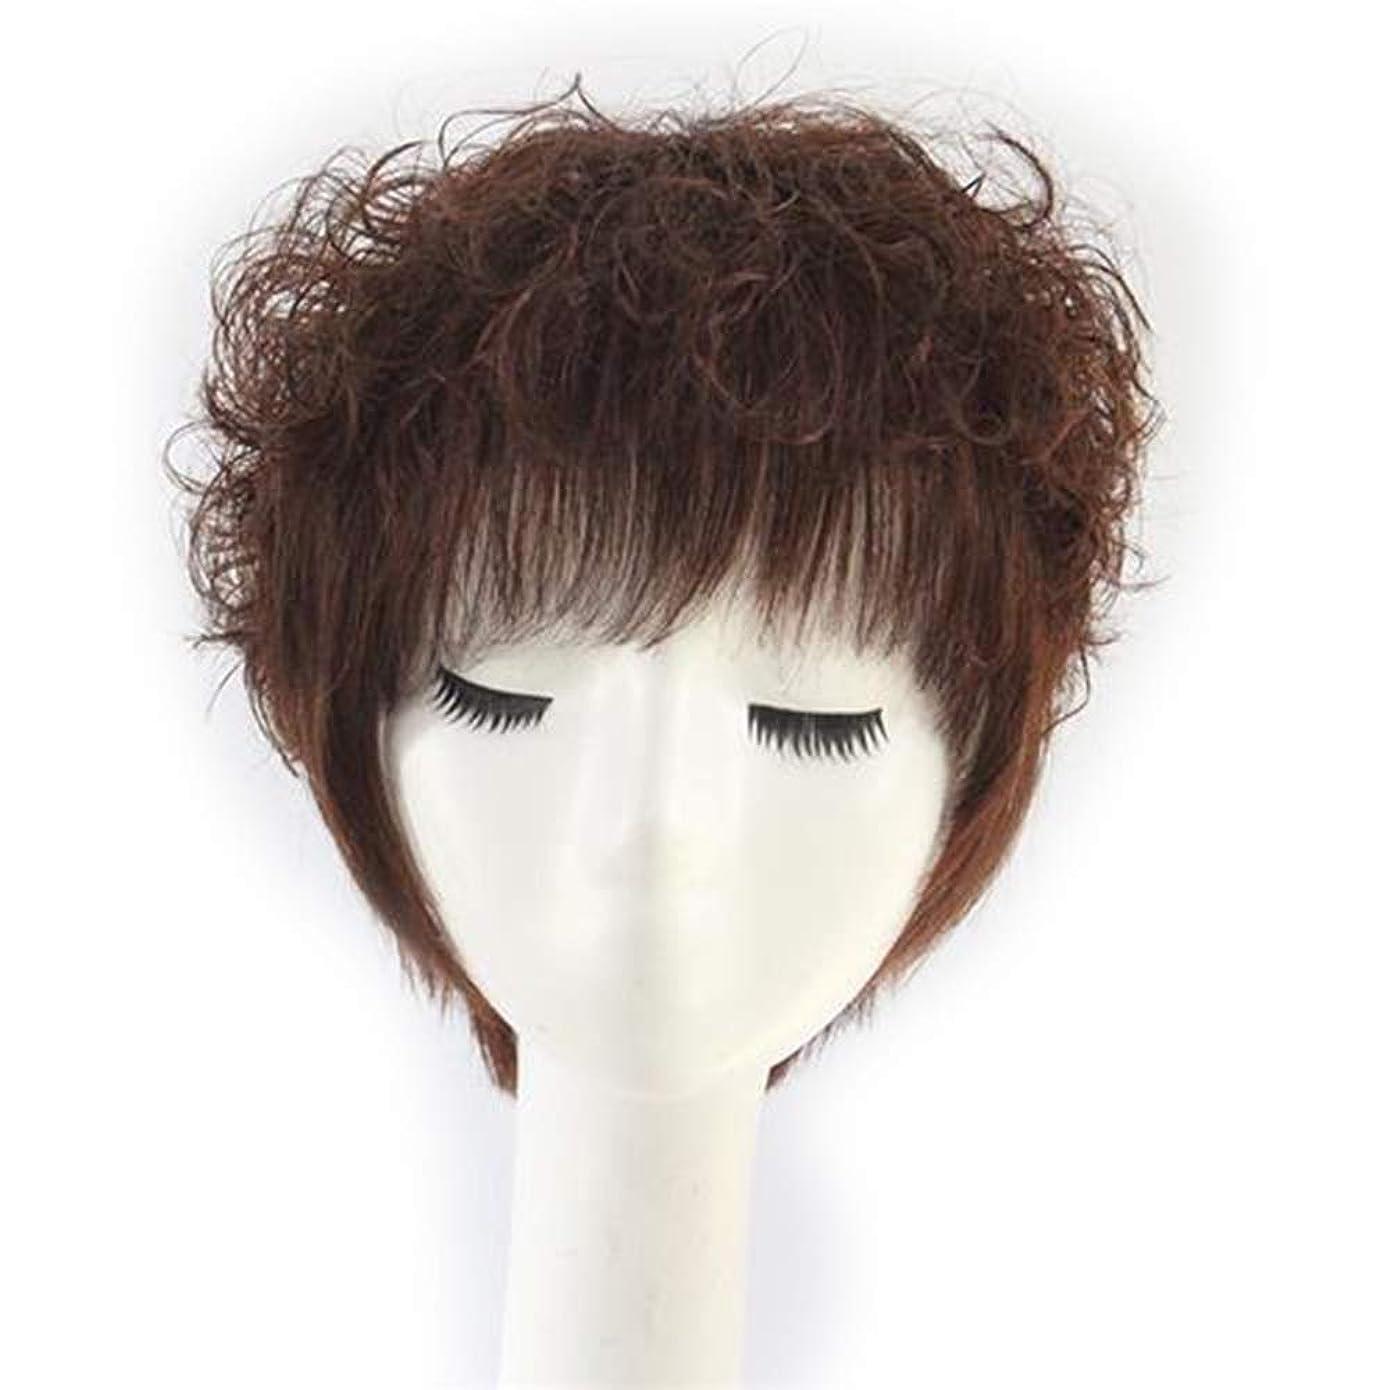 現象ディスコ衝突Mayalina 本物の人間の髪の毛の女性短い巻き毛の耐熱フルかつら中年のかつらファッションかつら (色 : Dark brown)